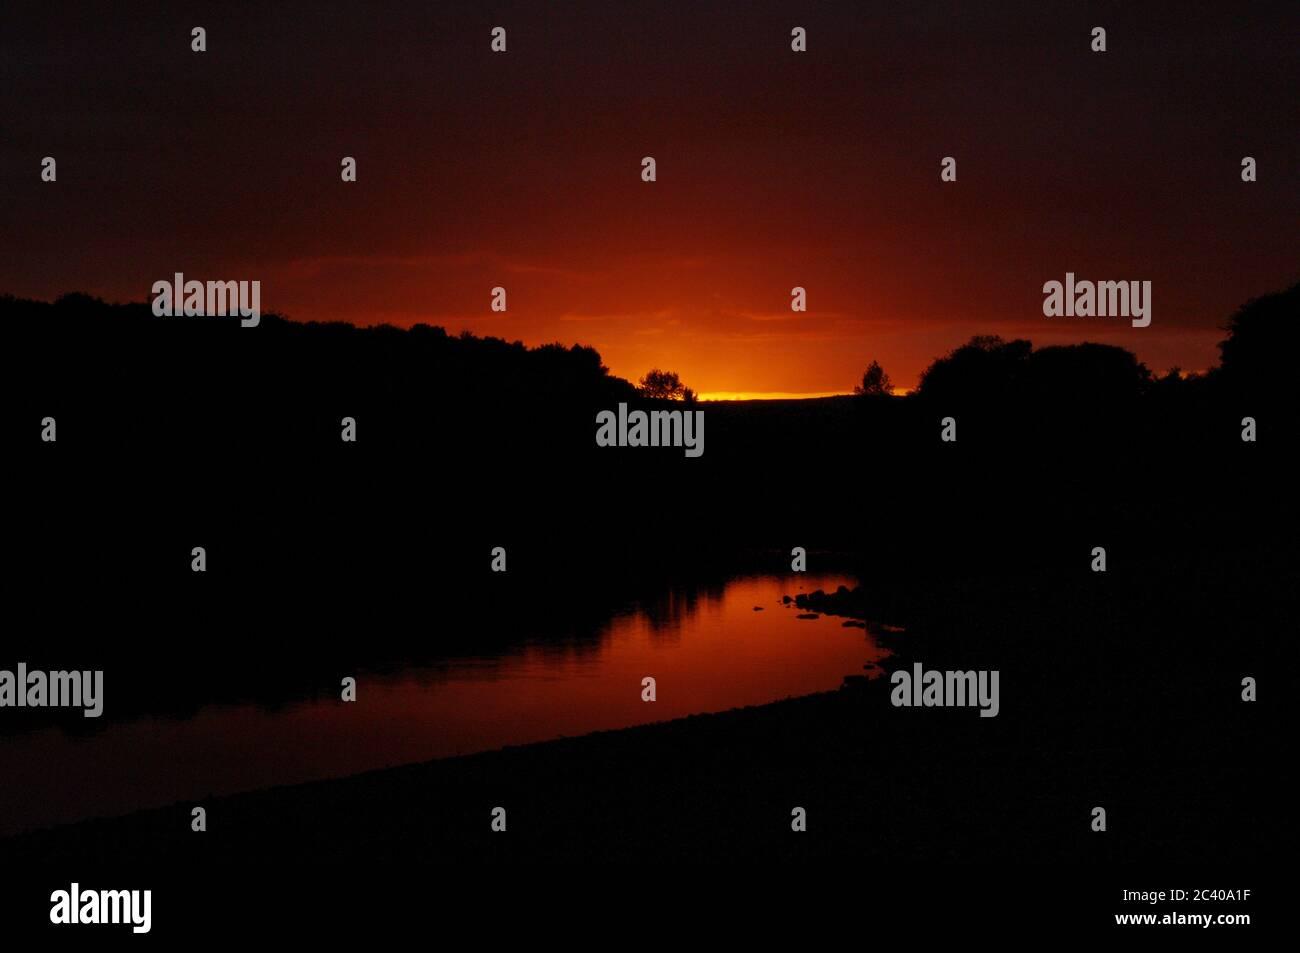 Secuencia de imágenes de una puesta de sol, pantano de Swinsty en Inglaterra, puesta de sol de cielo rojo, reflexión de puesta de sol en el embalse Foto de stock